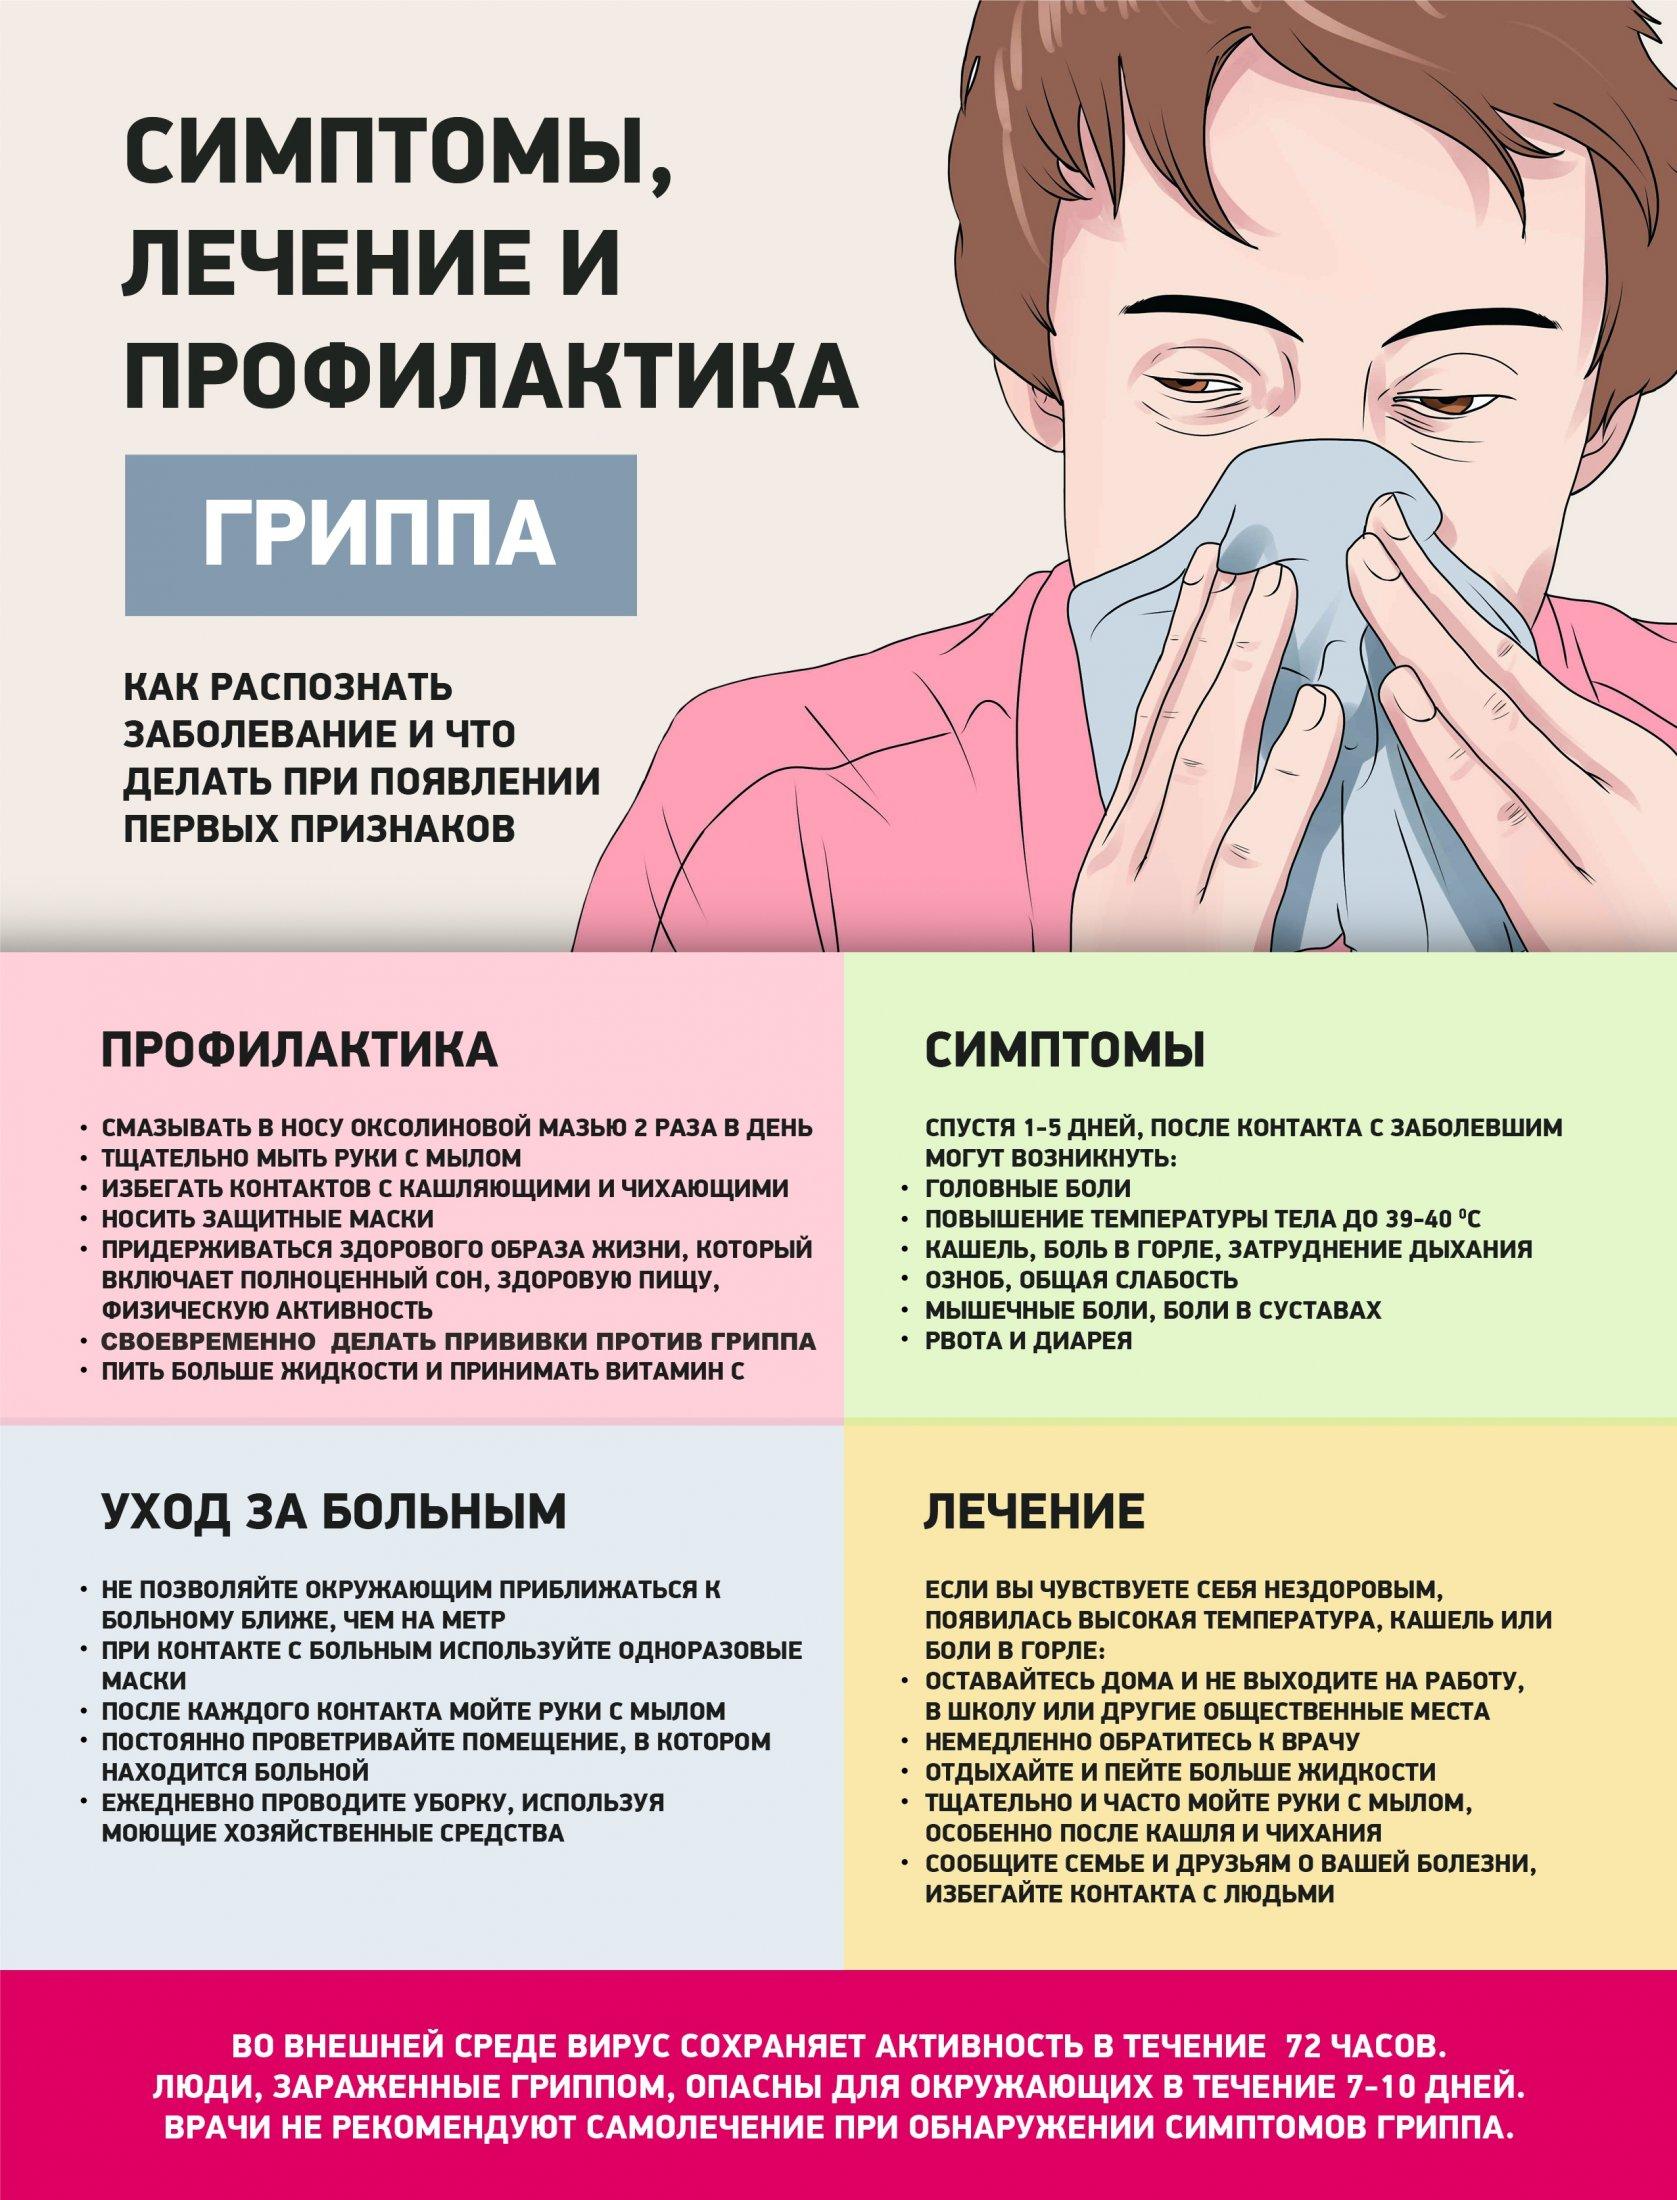 Что делать и что принимать при первых признаках простуды (как лечить первые симптомы)